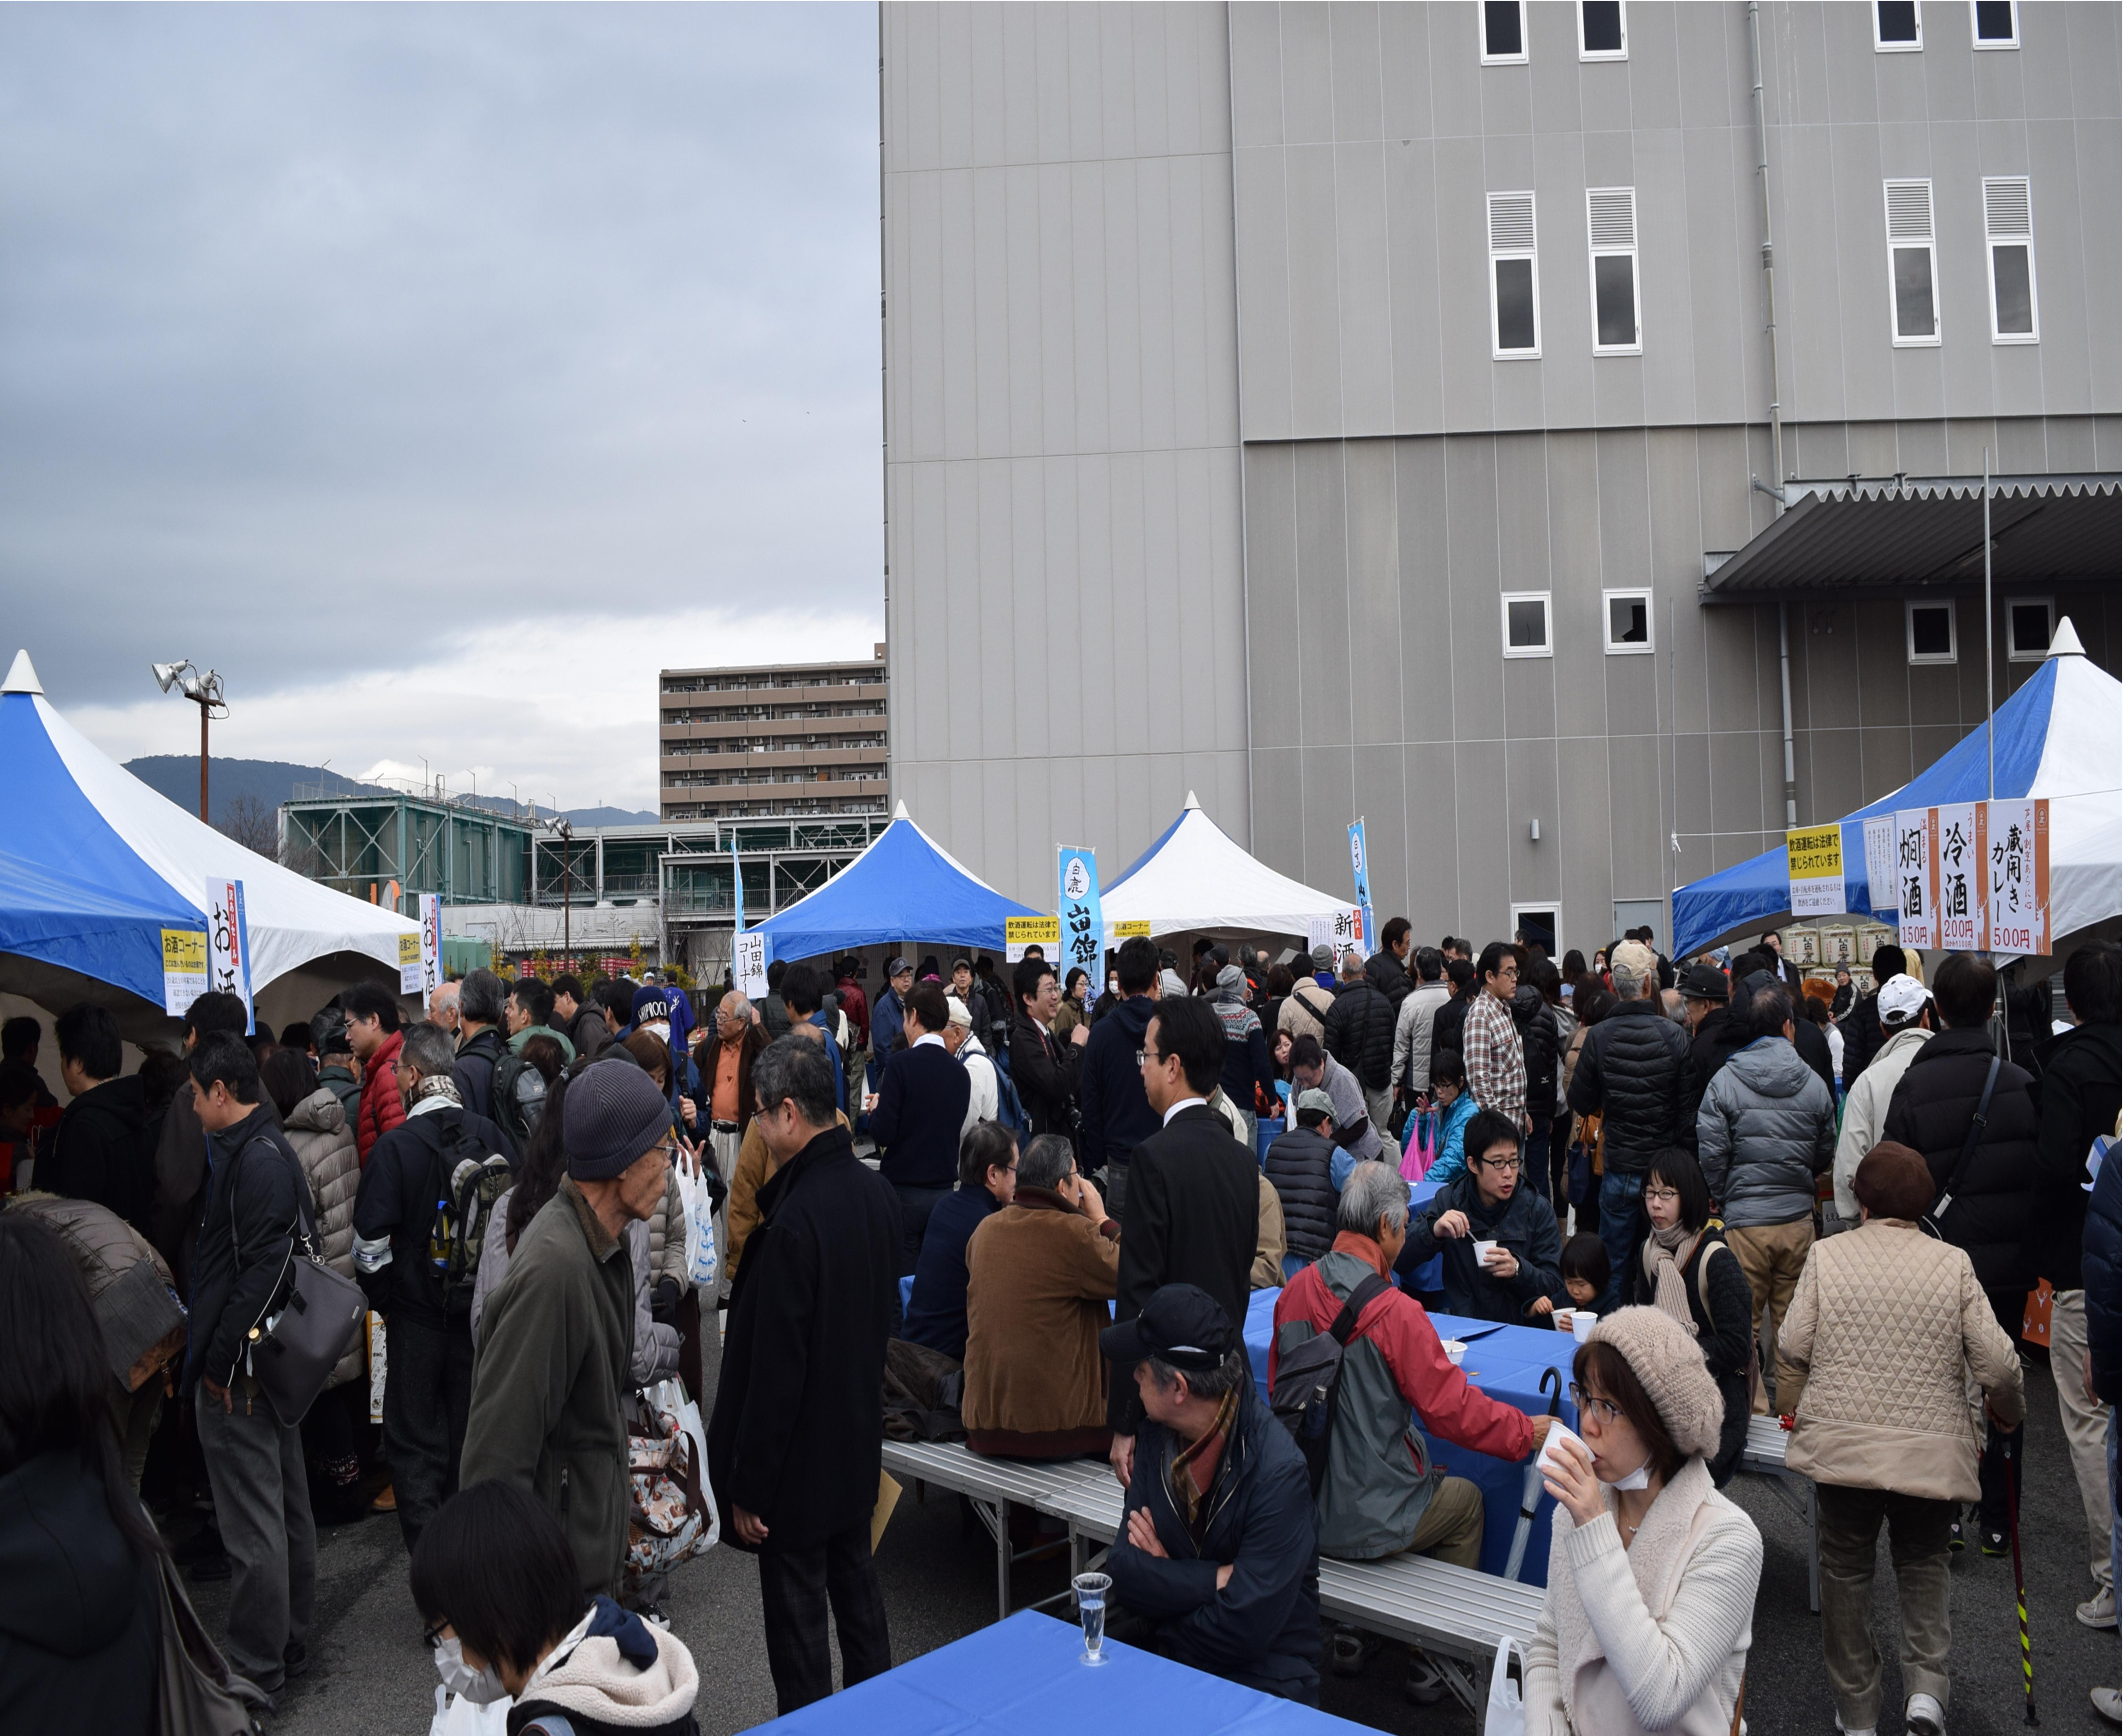 http://www.hakushika.co.jp/topics/images/1.jpg